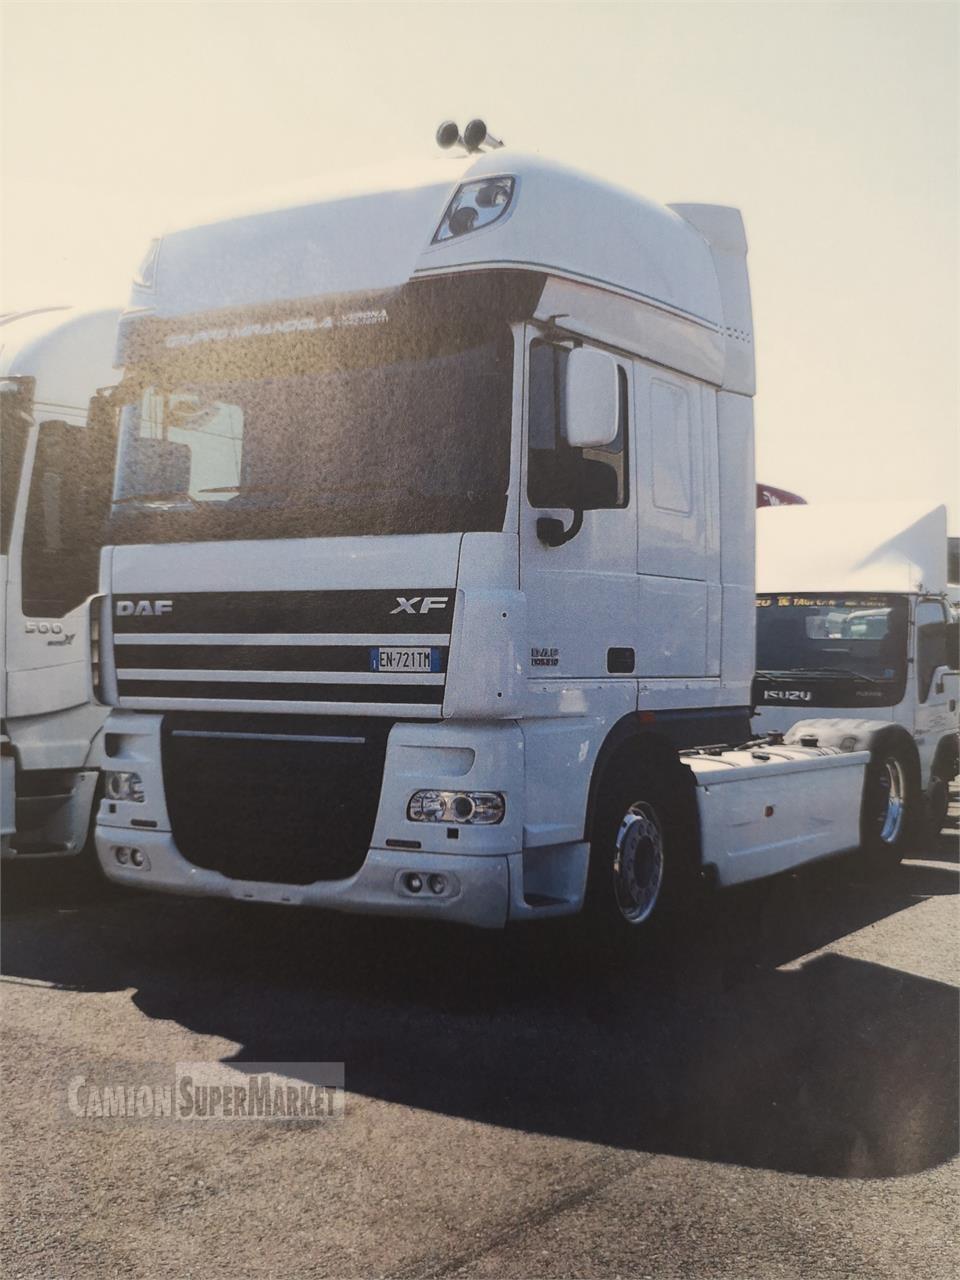 Daf XF105.510 used